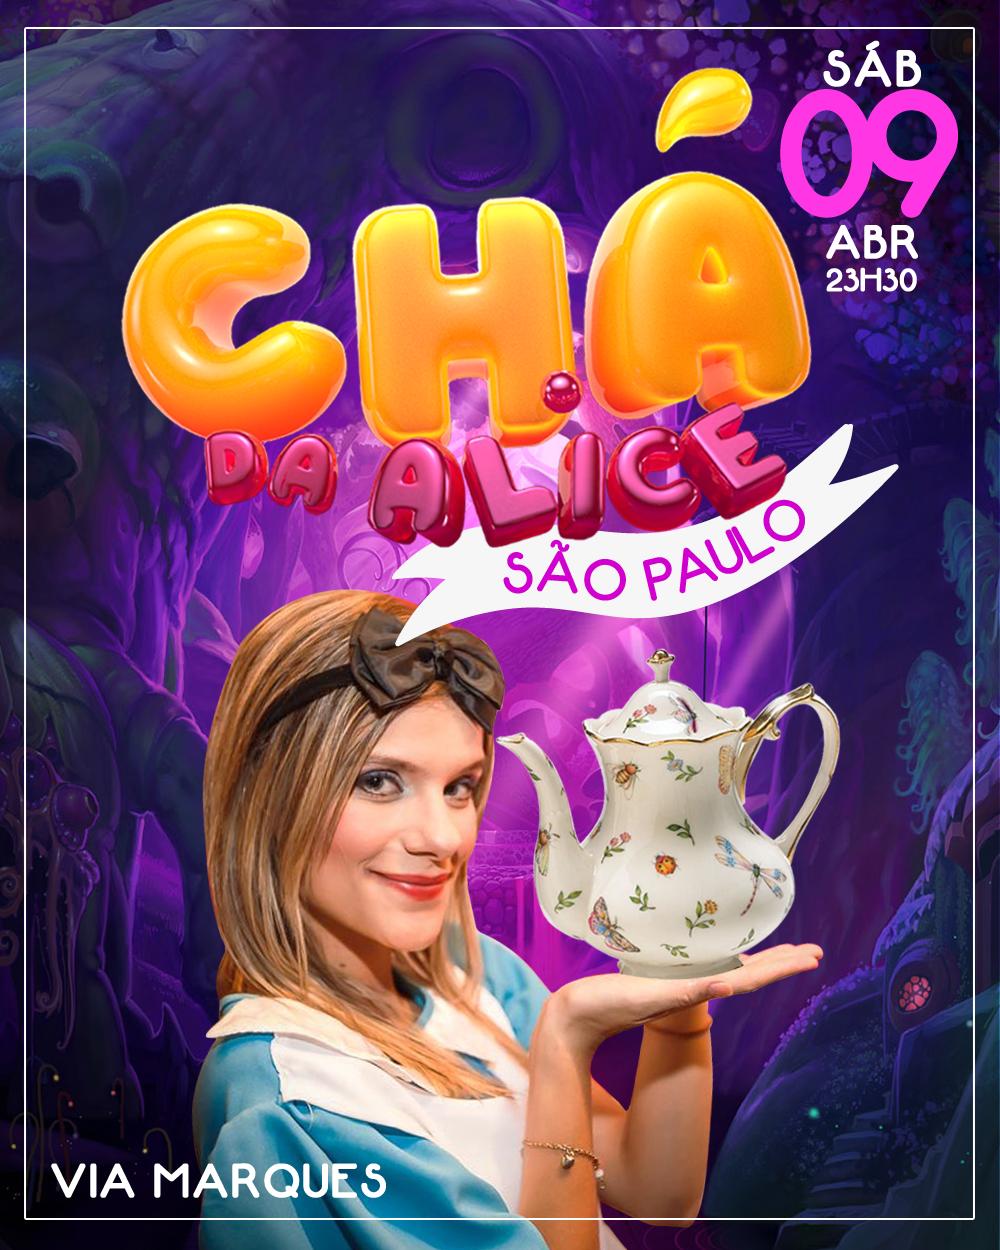 Cha09abr2